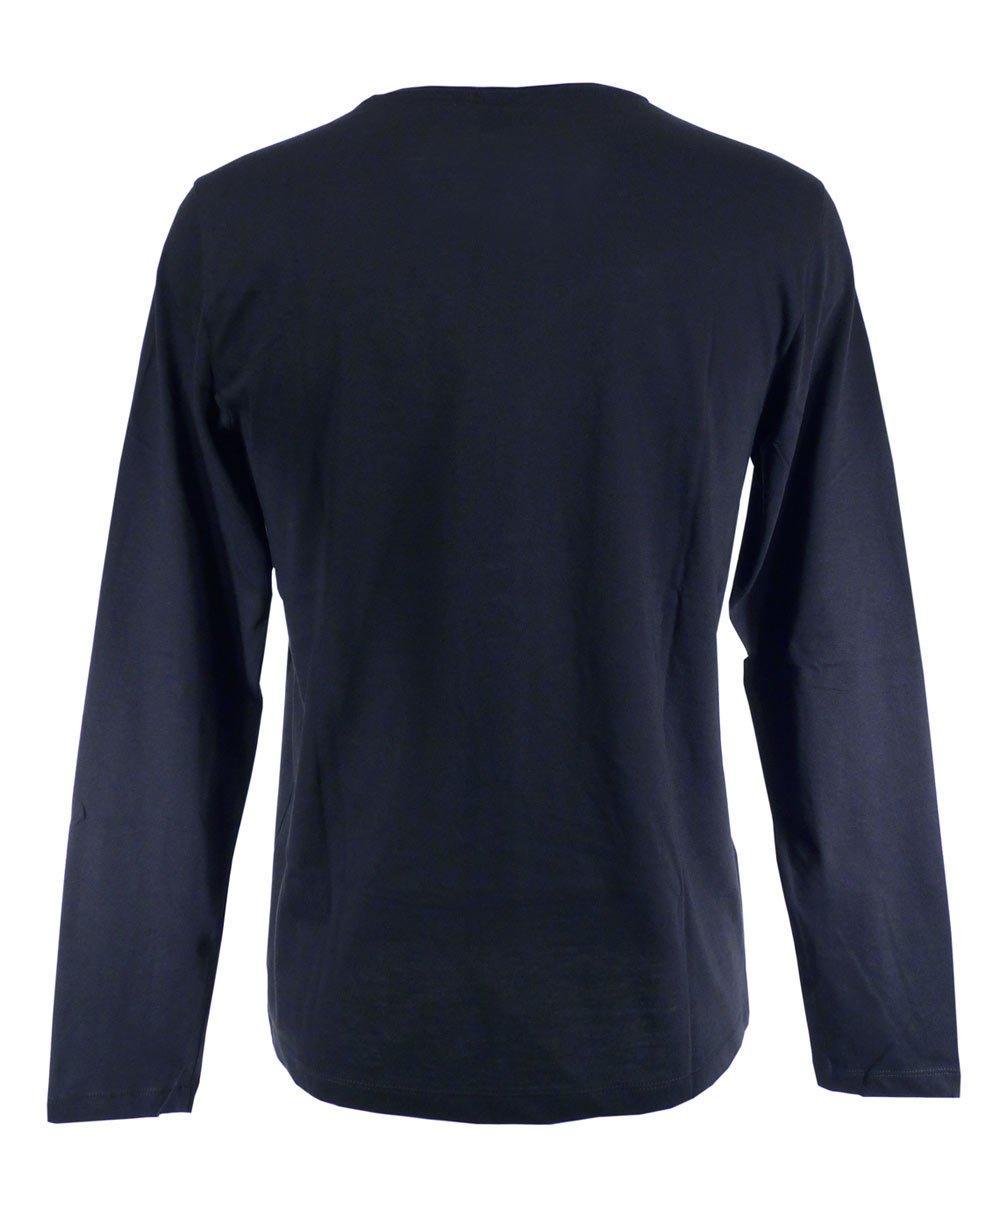 Hugo boss navy long sleeved leo 80 t shirt hugo boss for Hugo boss navy shirt